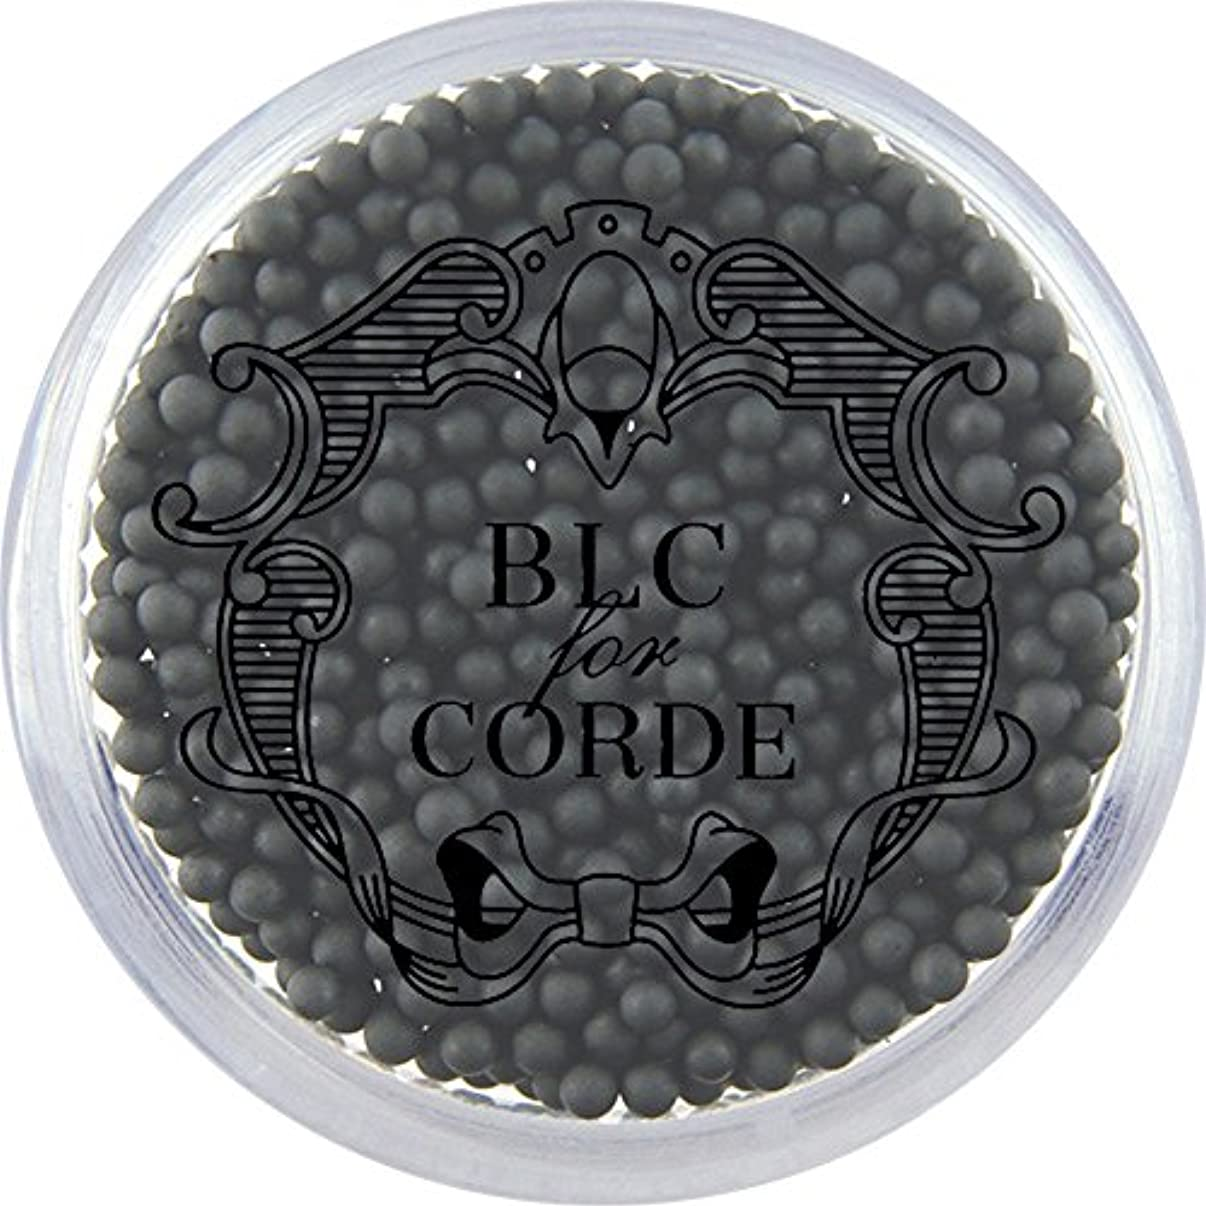 ビジュアル宇宙飛行士安定しましたBLC FOR CORDE ガラスブリオン ブラック